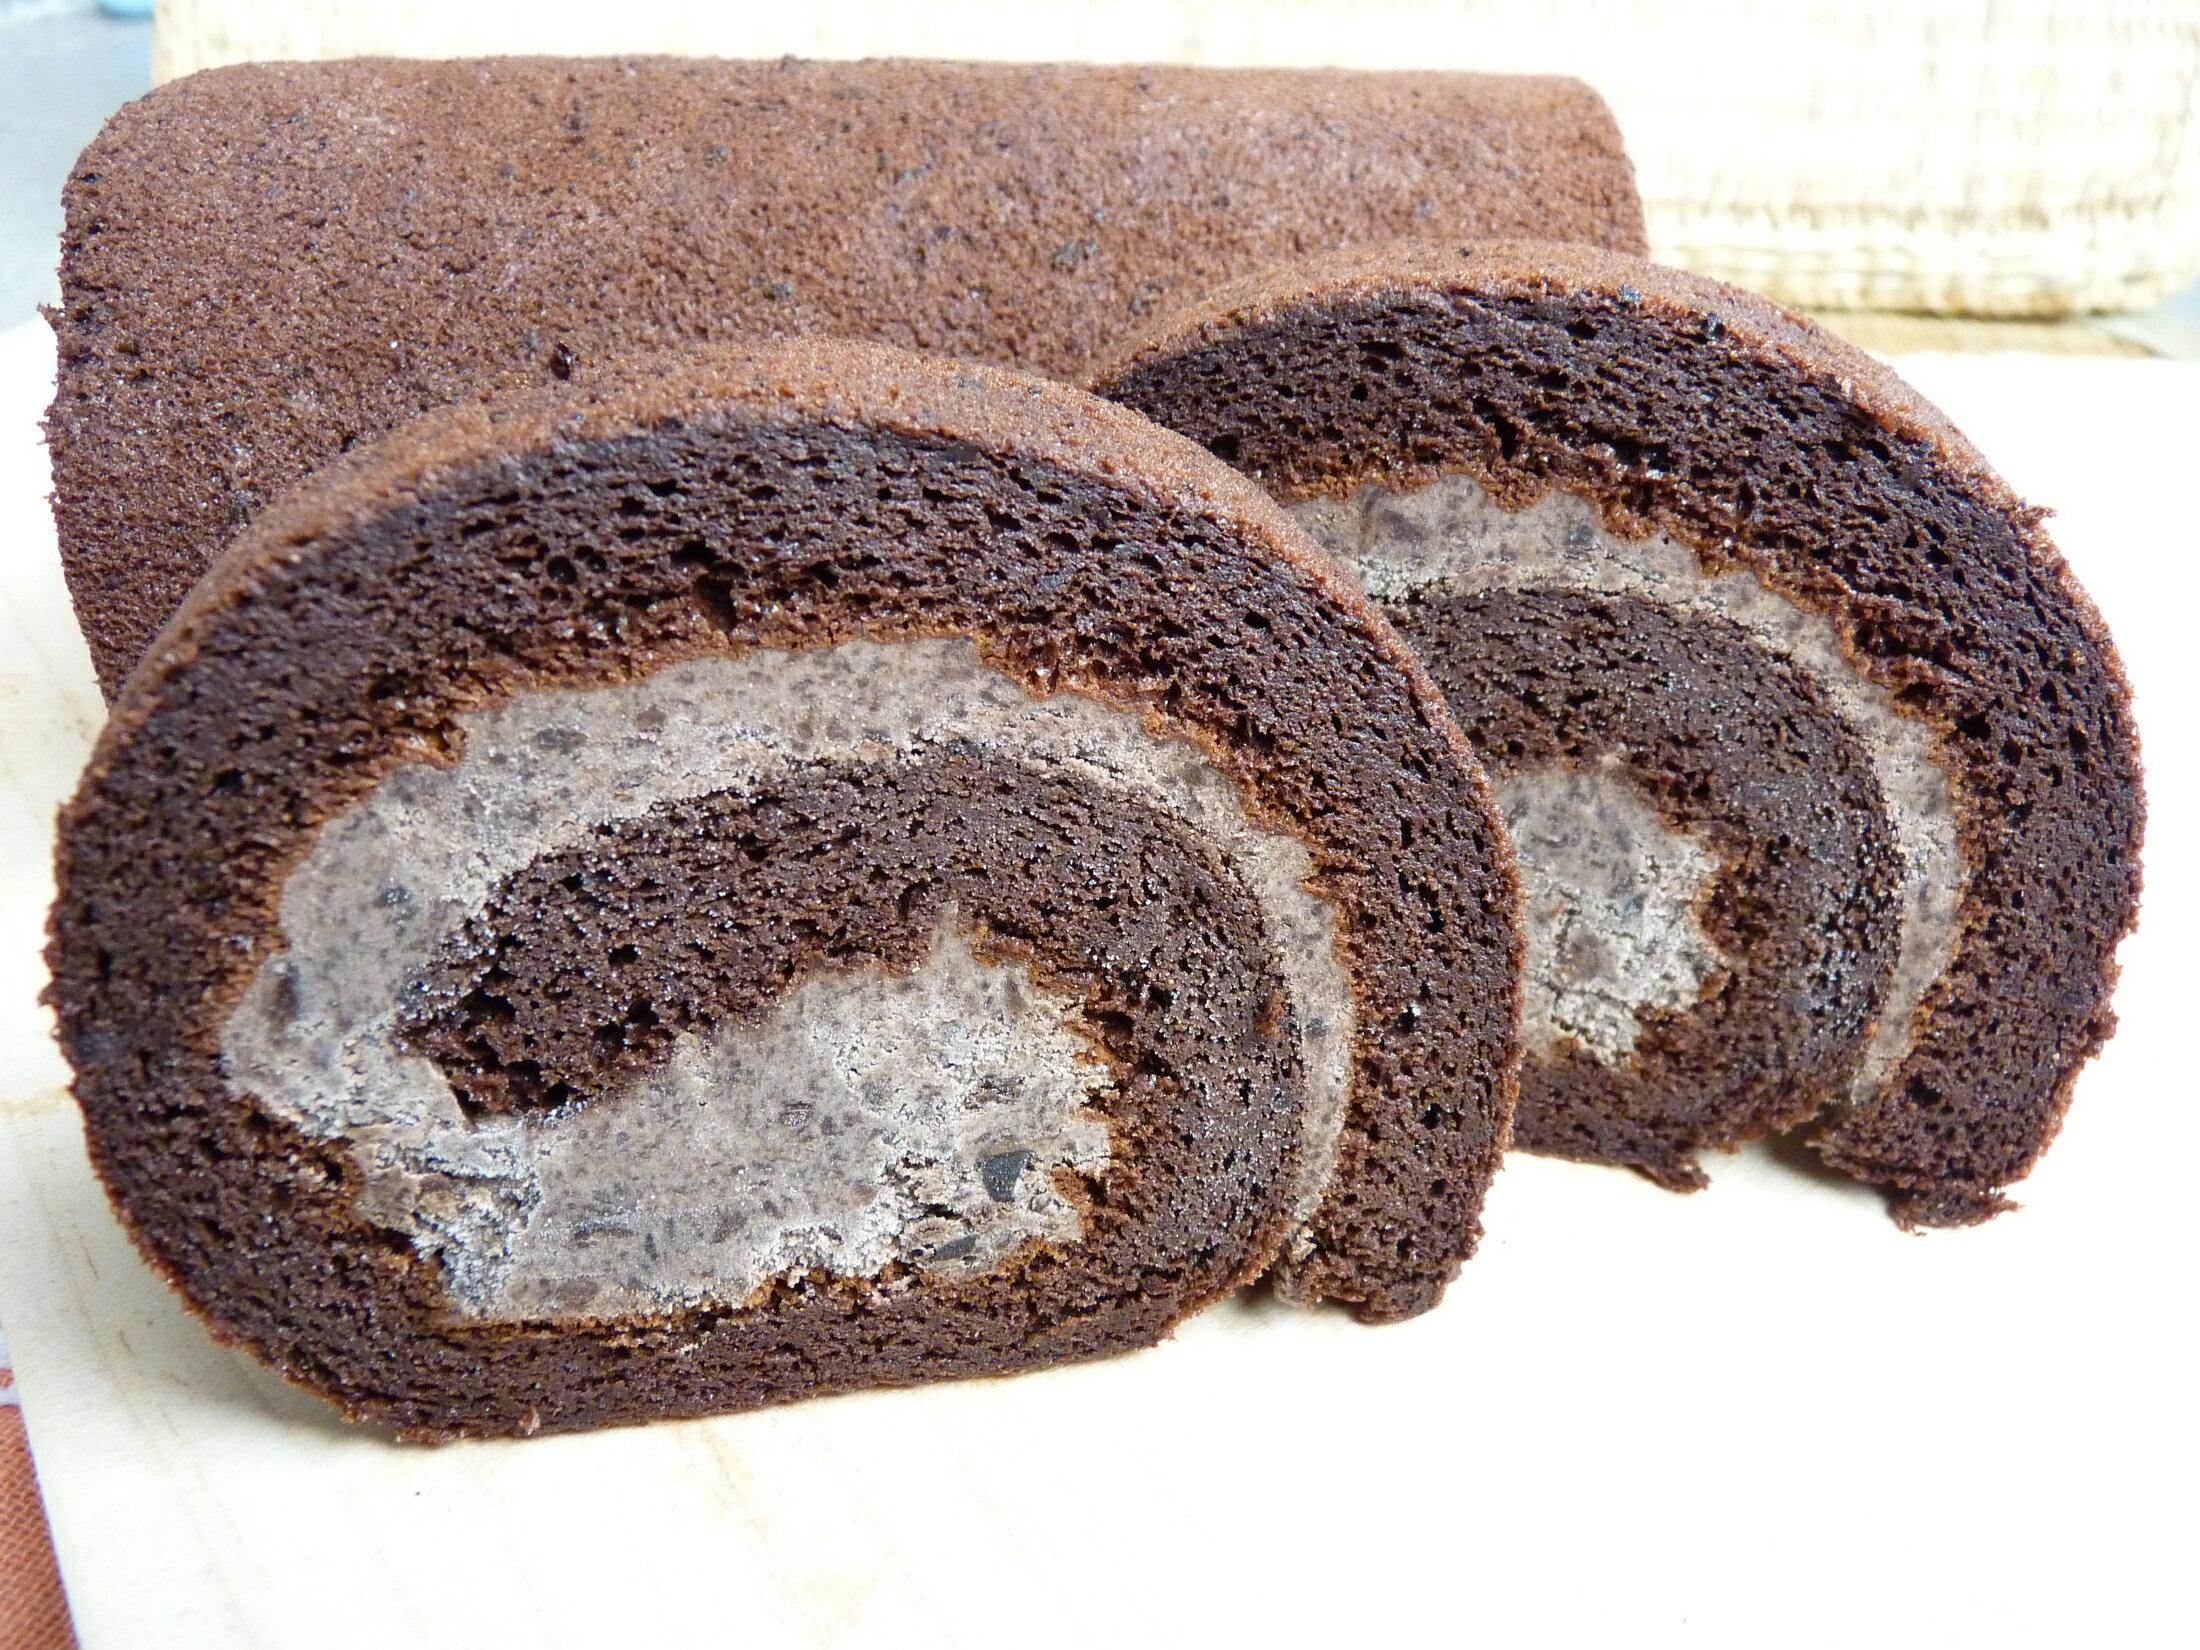 楓月軒】(獨家限作) 樂芙純巧克力生乳捲 (一條560公克±10%) 伴手禮送禮大方 , 彌月蛋糕